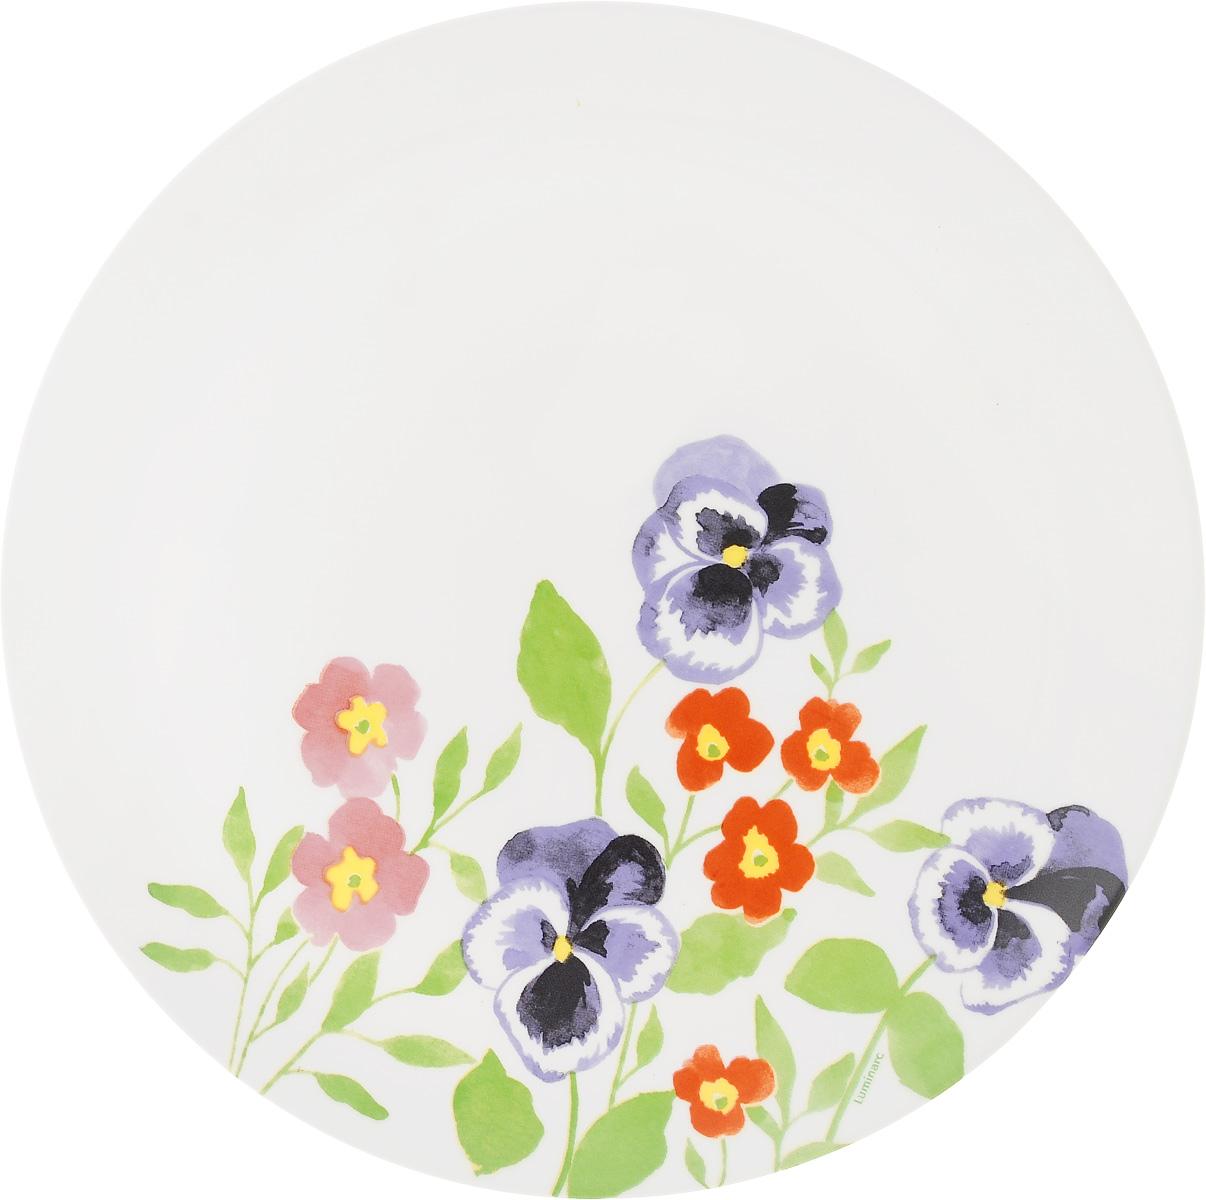 Тарелка обеденная Luminarc Magda, диаметр 27,5 смH8578Обеденная тарелка Luminarc Magda, изготовленная из ударопрочного стекла, имеет изысканный внешний вид. Яркий дизайн придется по вкусу и ценителям классики, и тем, кто предпочитает утонченность. Тарелка Luminarc Magda идеально подойдет для сервировки вторых блюд из птицы, рыбы, мяса или овощей, а также станет отличным подарком к любому празднику. Диаметр тарелки (по верхнему краю): 27,5 см.